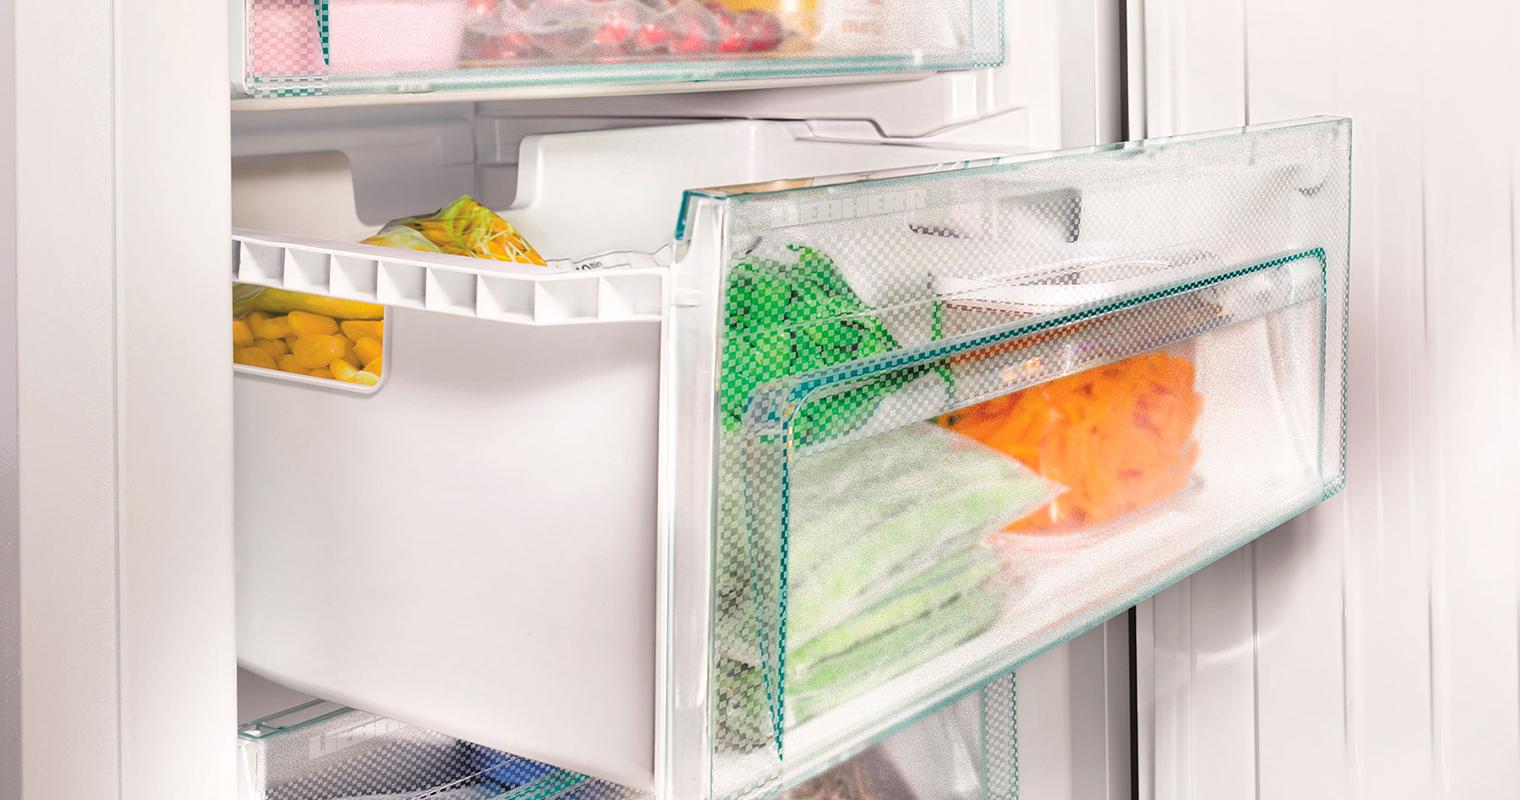 Что можно замораживать в морозильной камере и как это правильно делать - продукты в морозильной камере